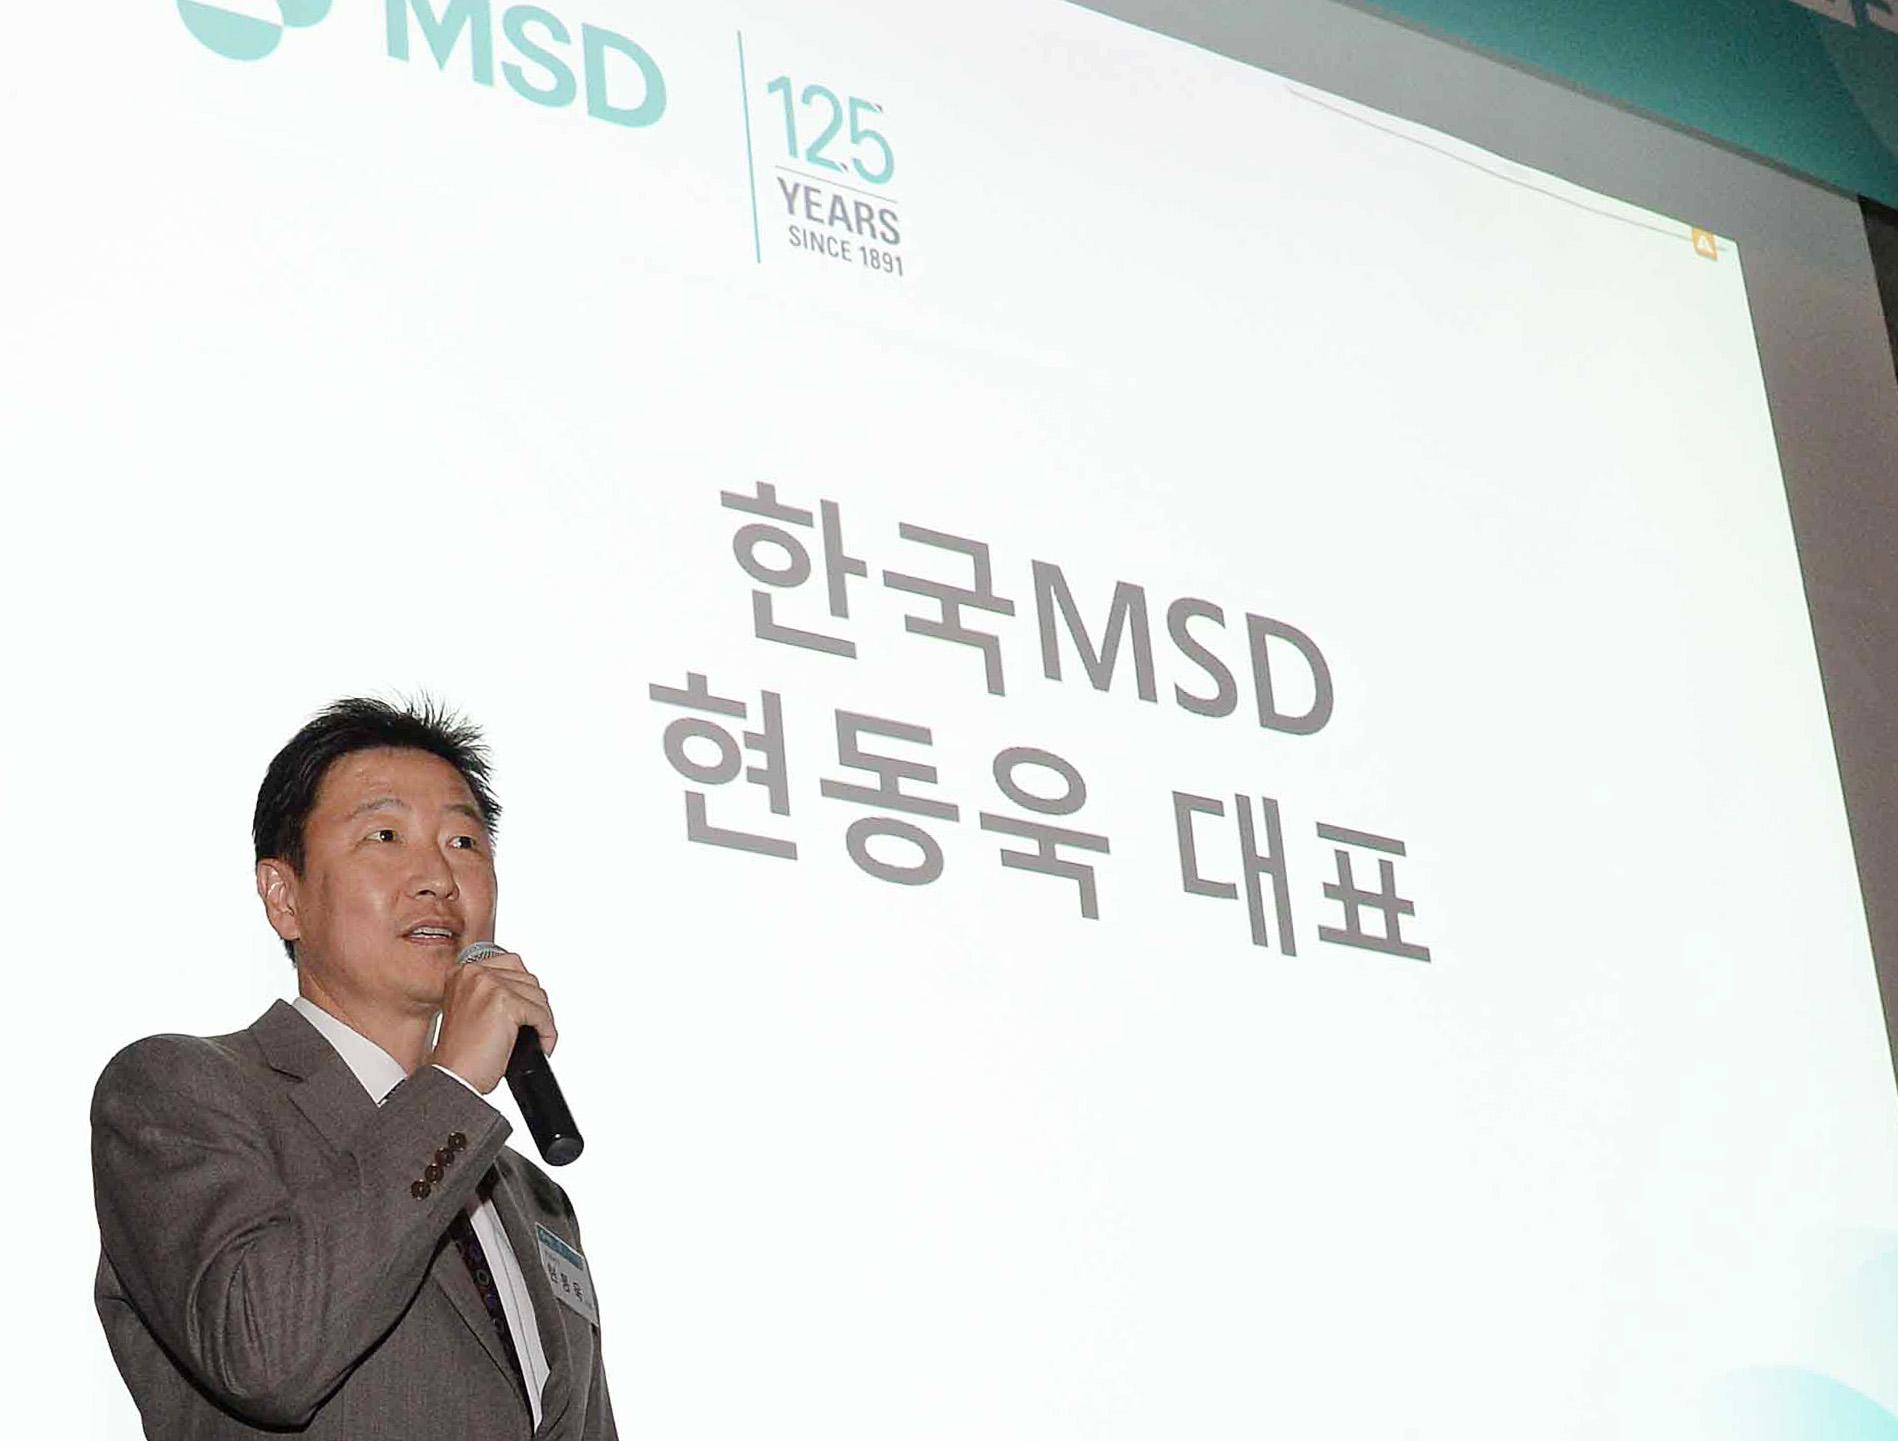 18일 플라자호텔에서 MSD 미디어나잇 현동욱 대표이사가 비전을 발표하고 있다.